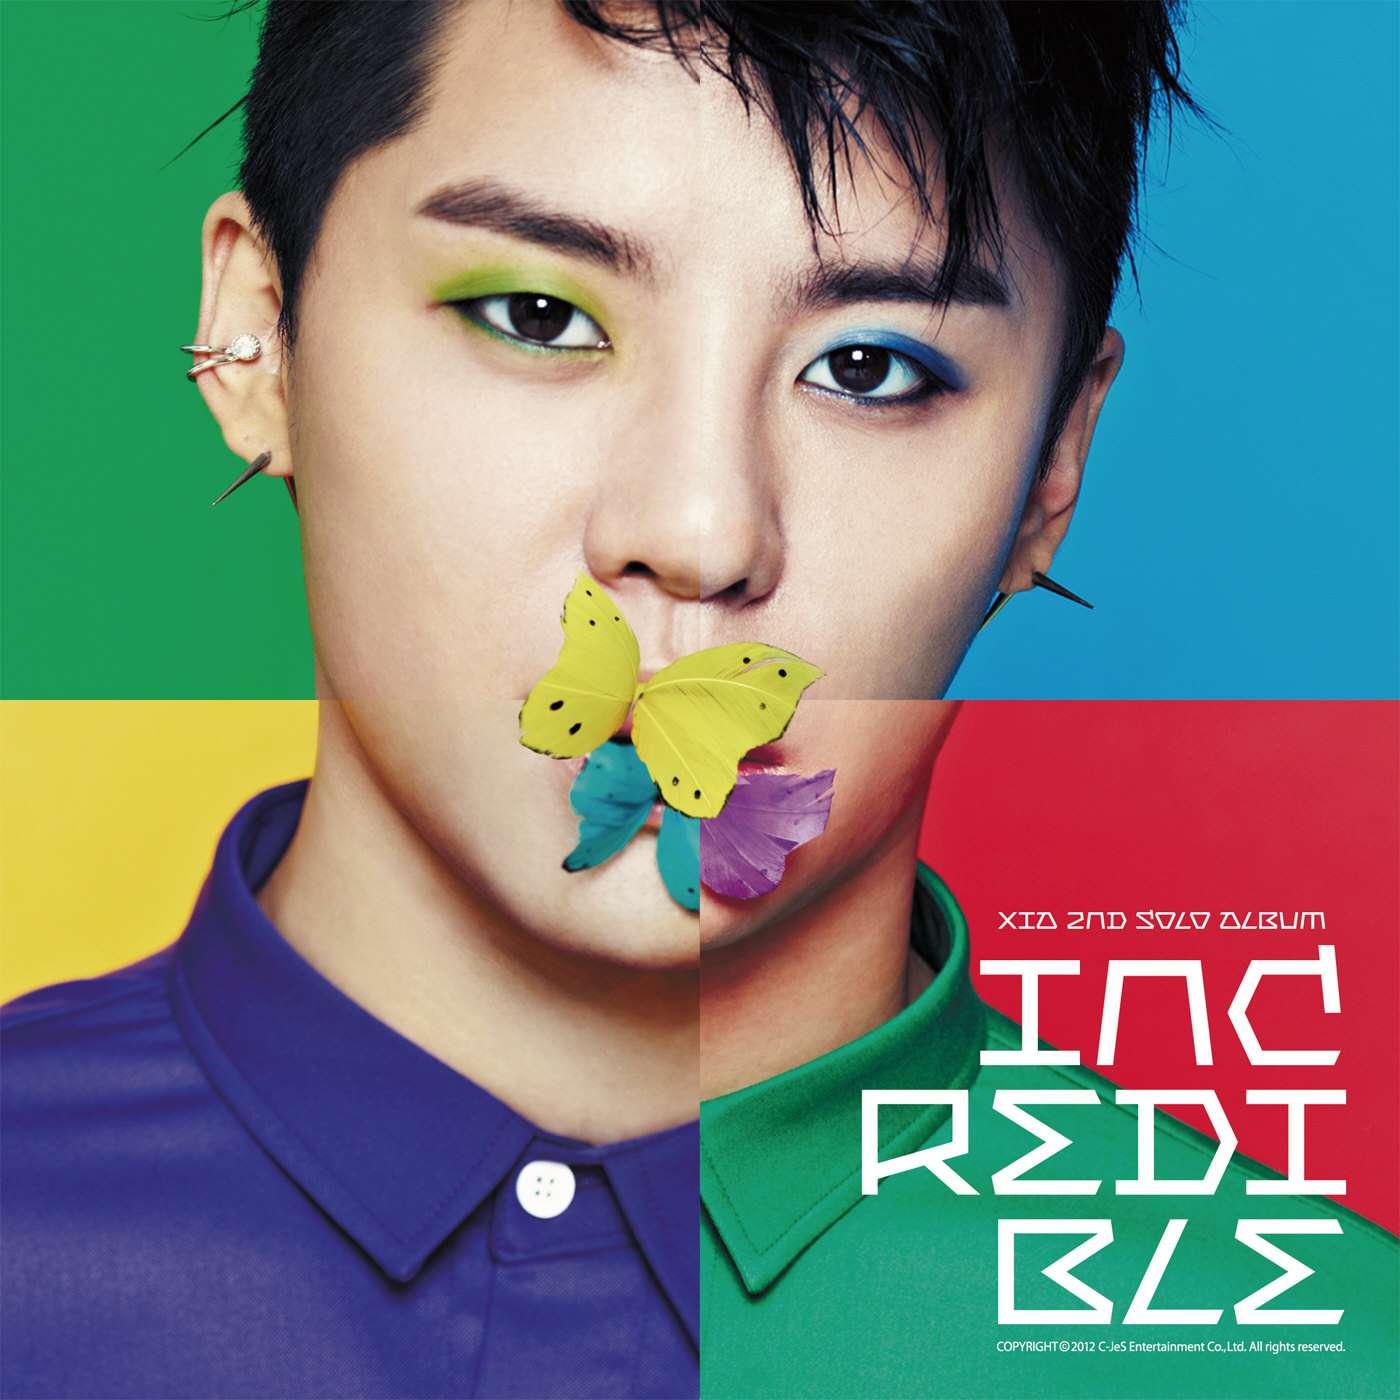 [Album] XIA (Junsu) - Incredible [VOL. 2]